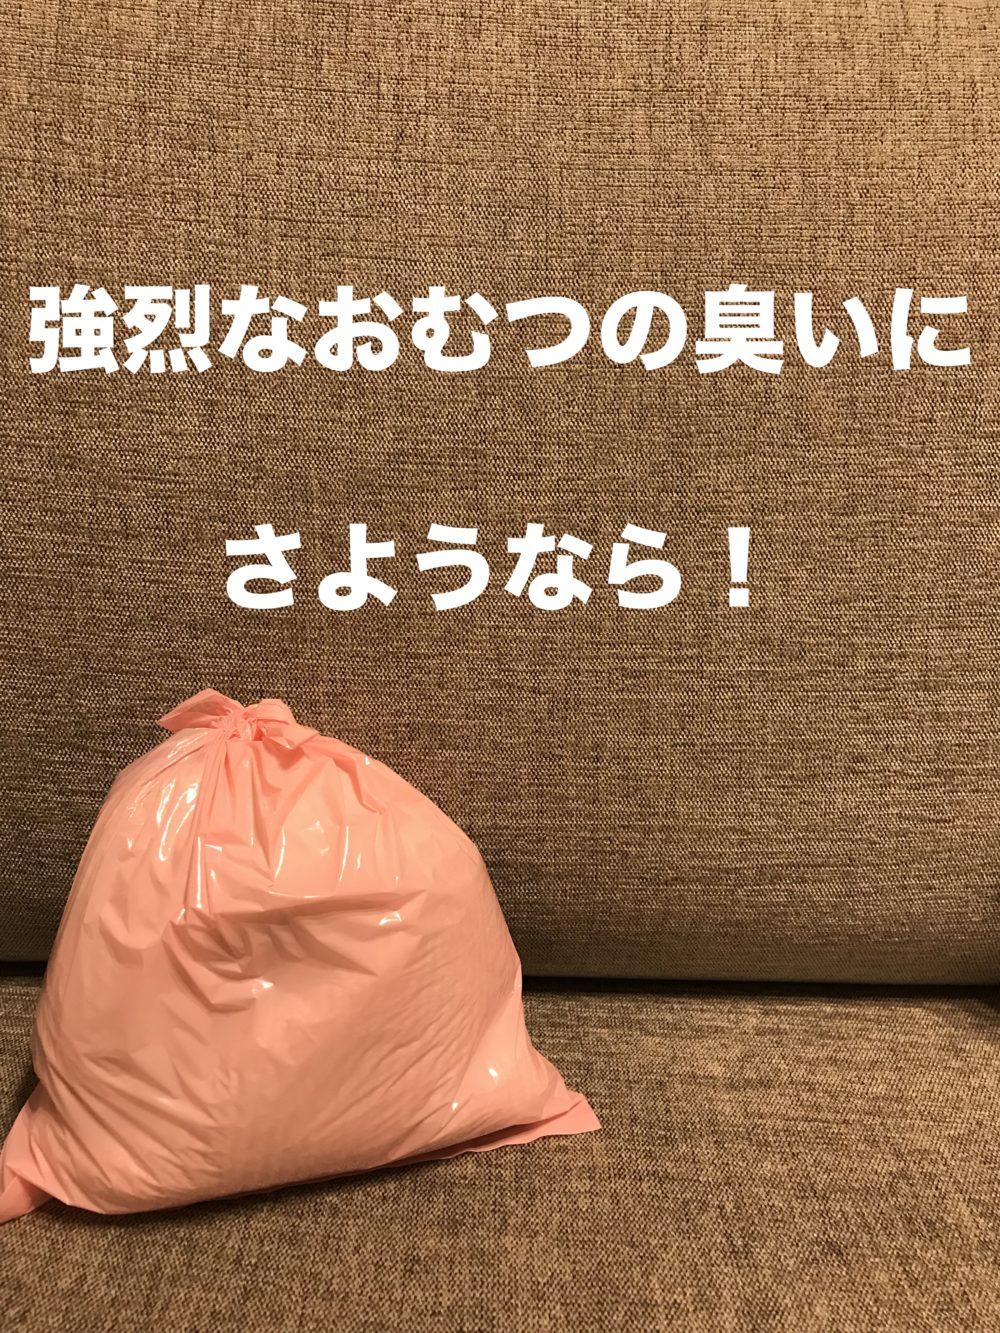 オムツが臭すぎて辛いなら防臭ビニール袋がオススメ!クリロン化成のBOSが最強